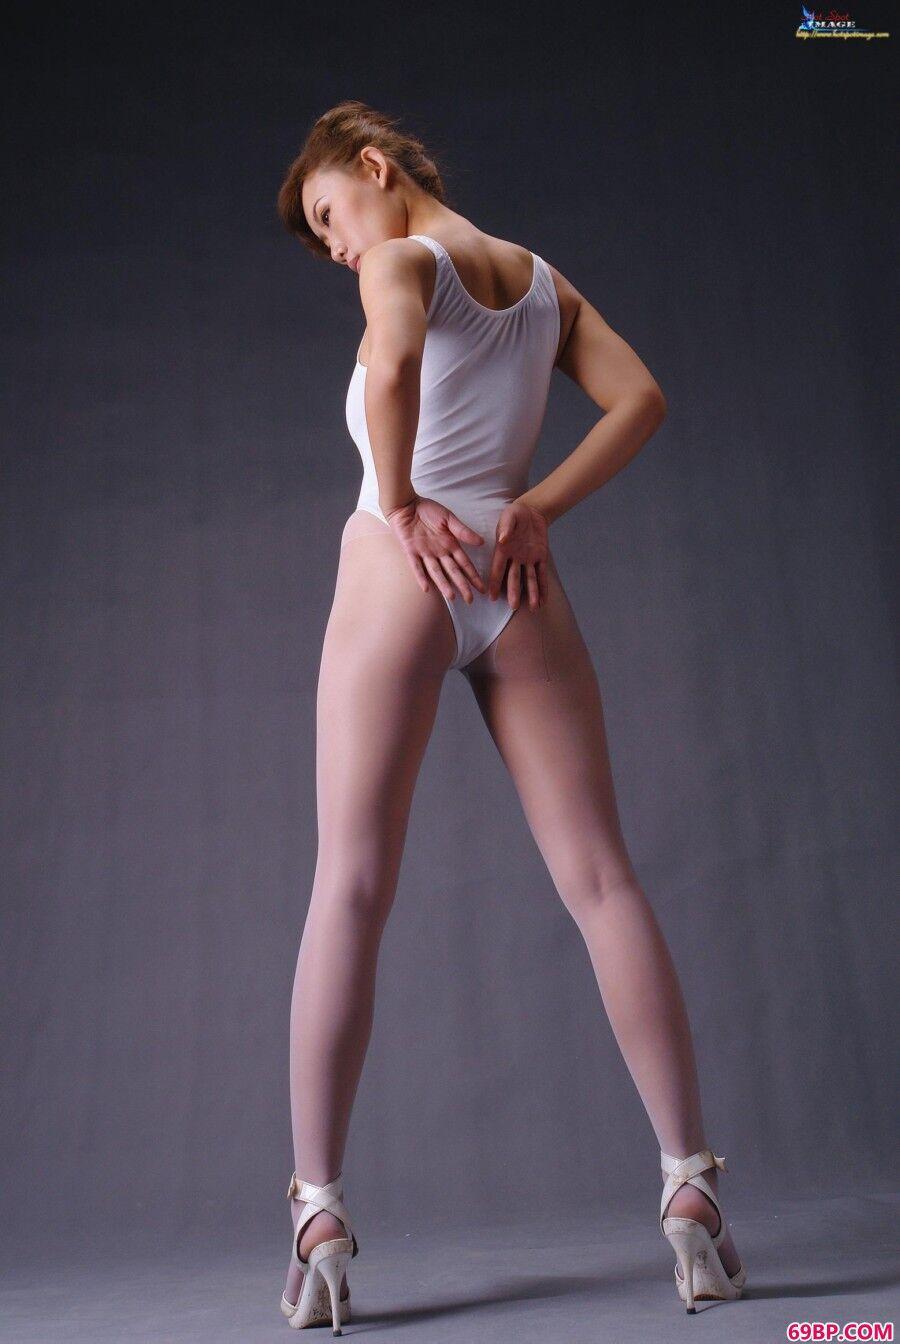 蓝依吊带袜与性感内裤造型